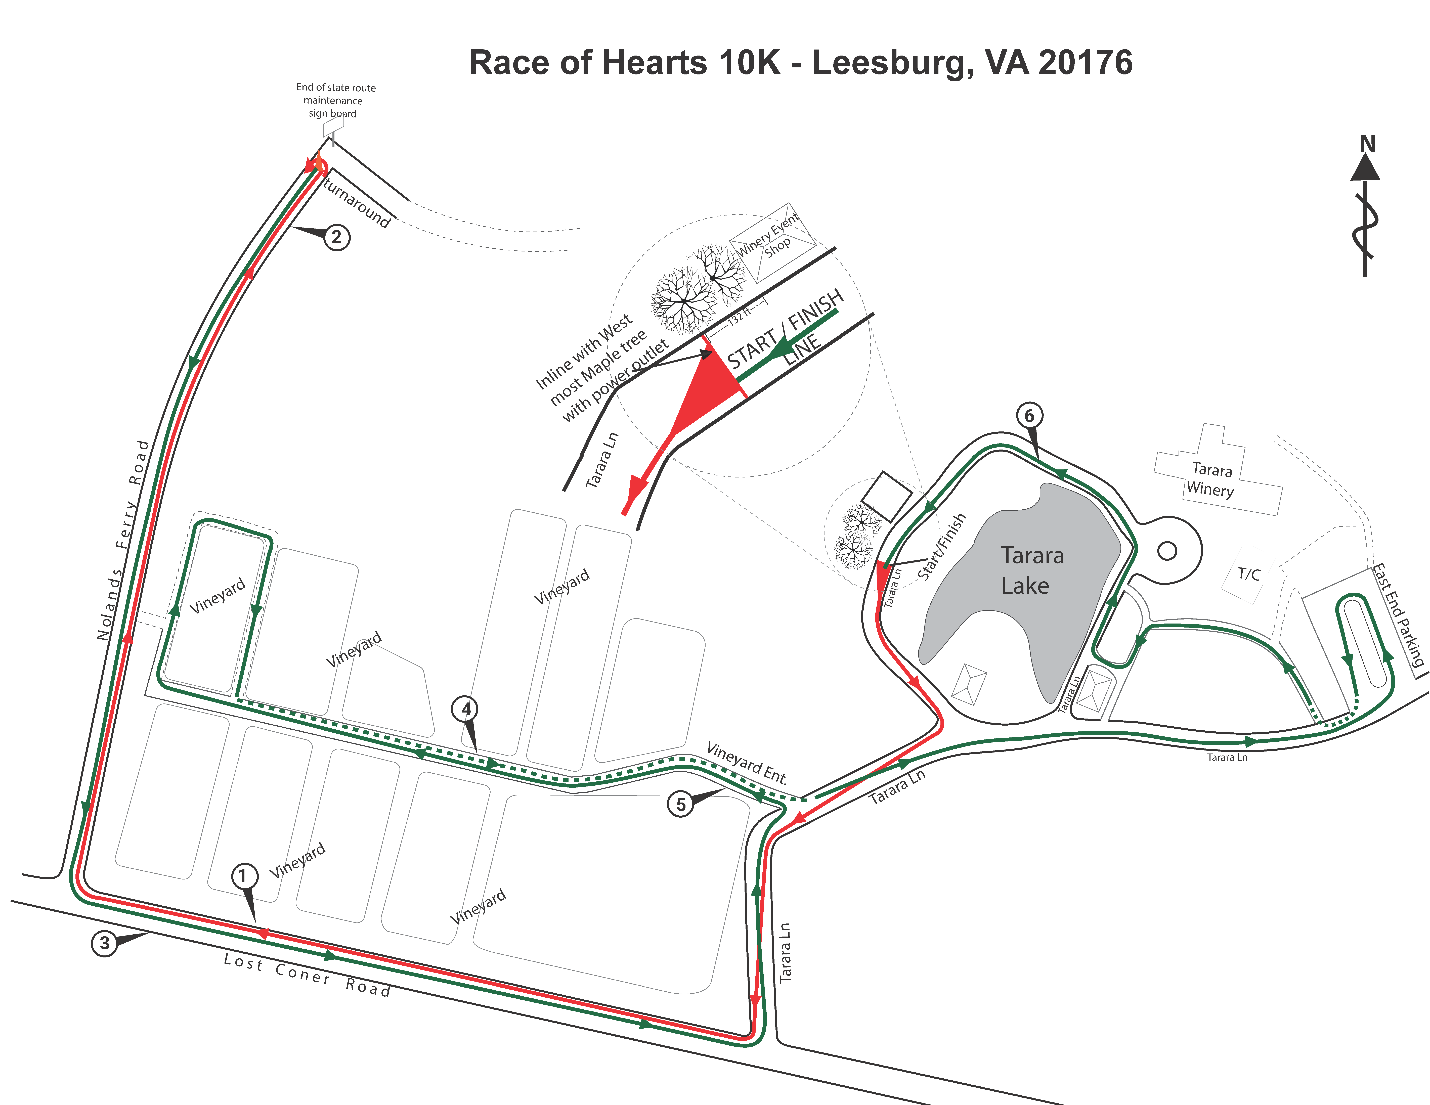 Tarara 10K Race Course Map